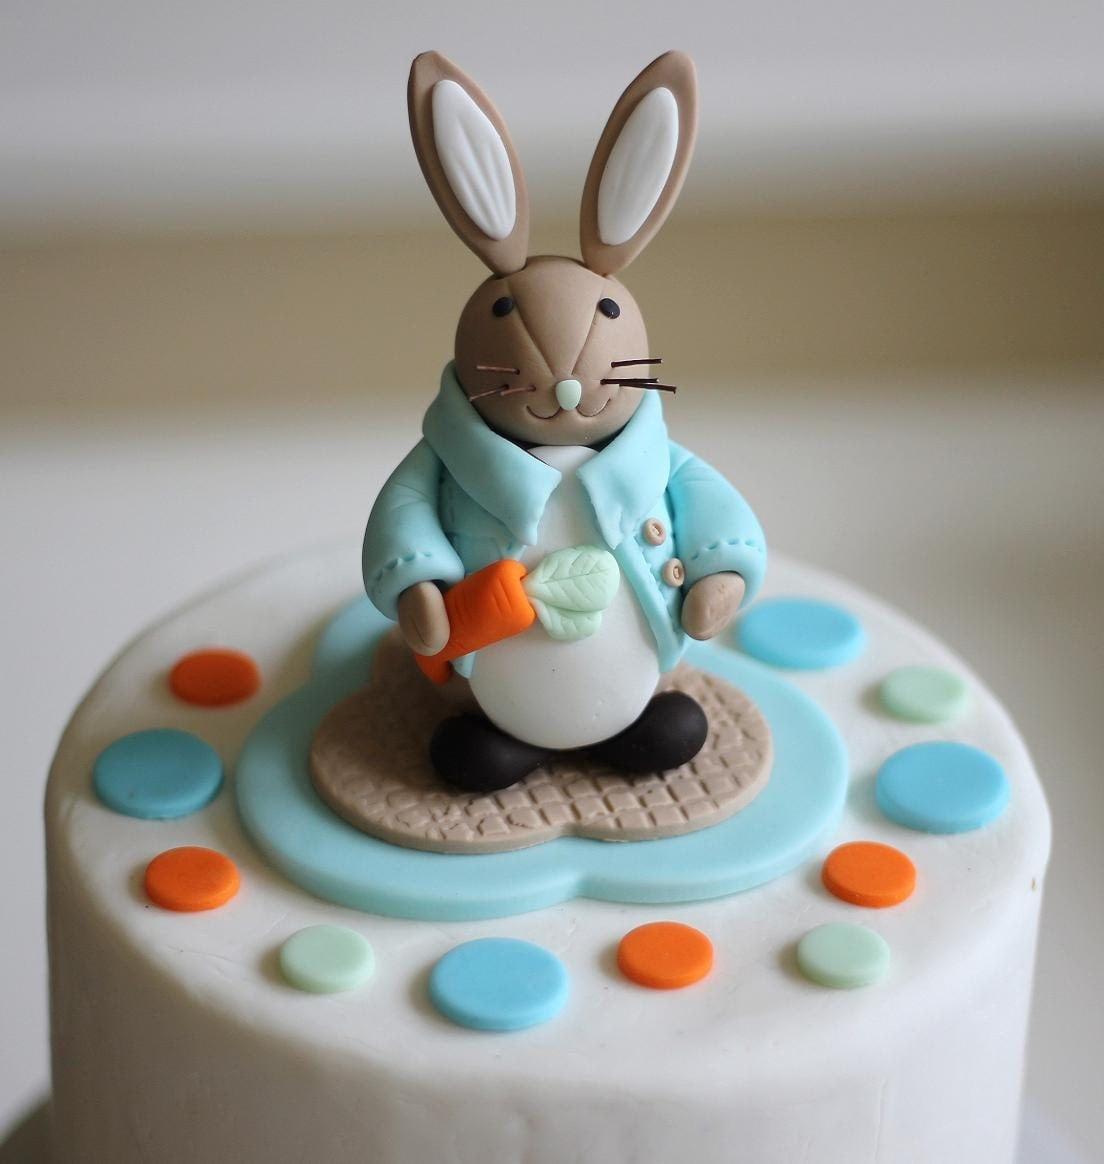 Fondant Cake Topper Whimsical 3D Peter Rabbit by LesPopSweets